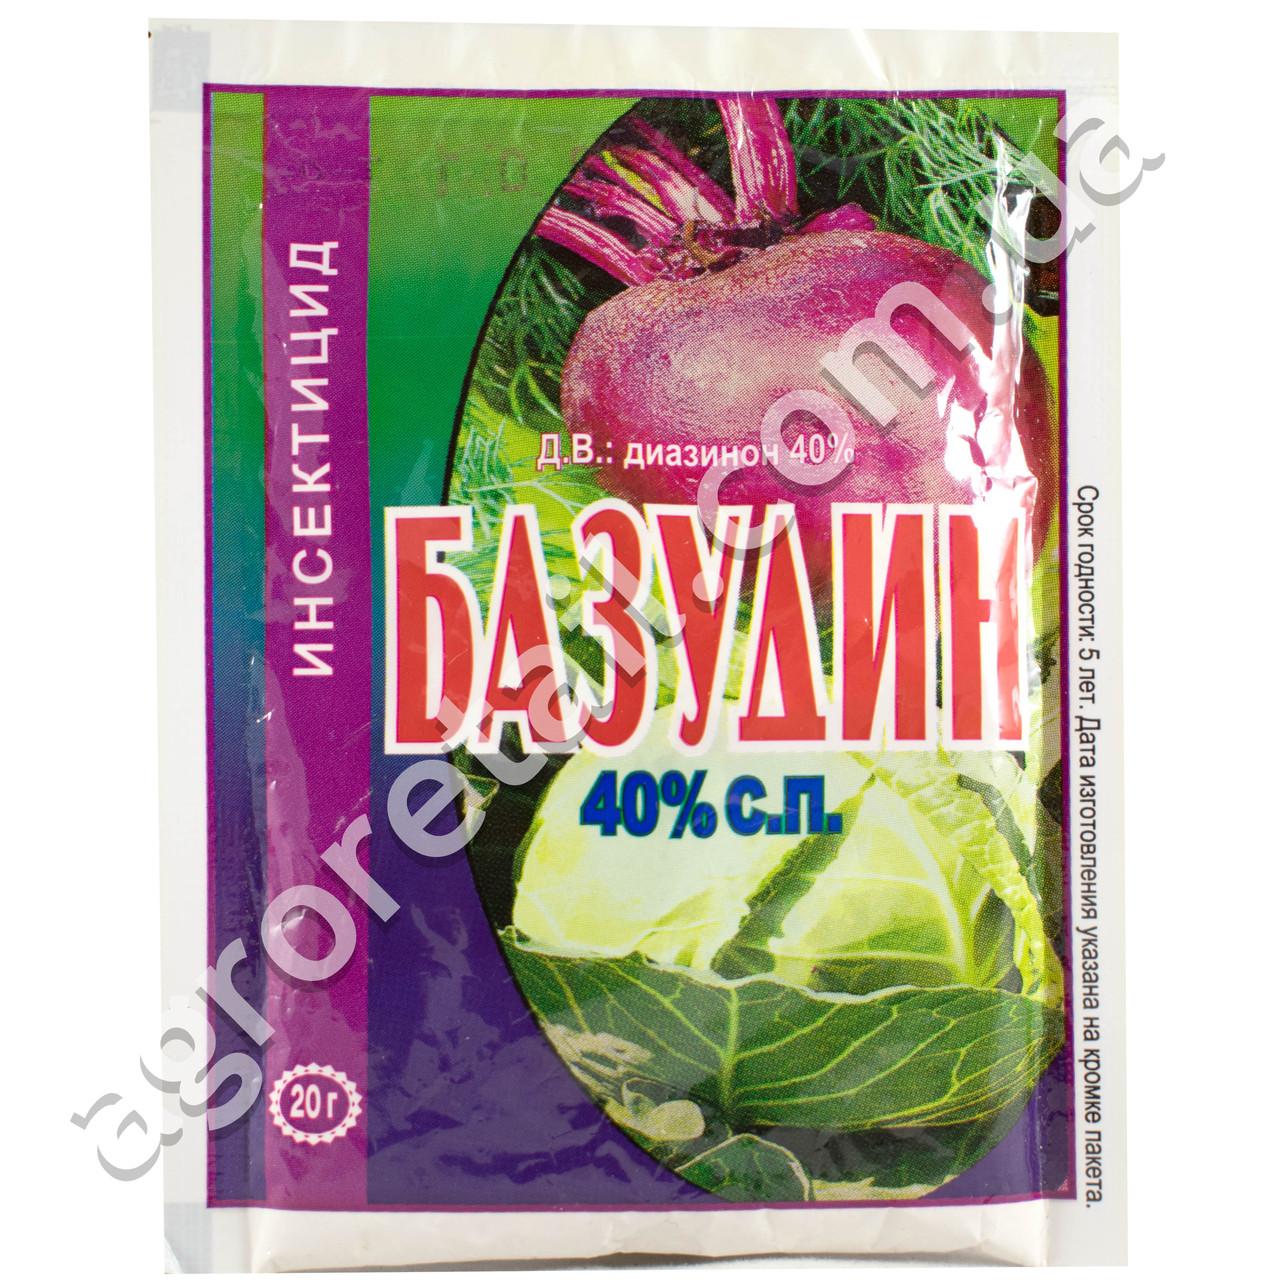 Инсектицид базудин 20 г от колорадского жука купить в украине.